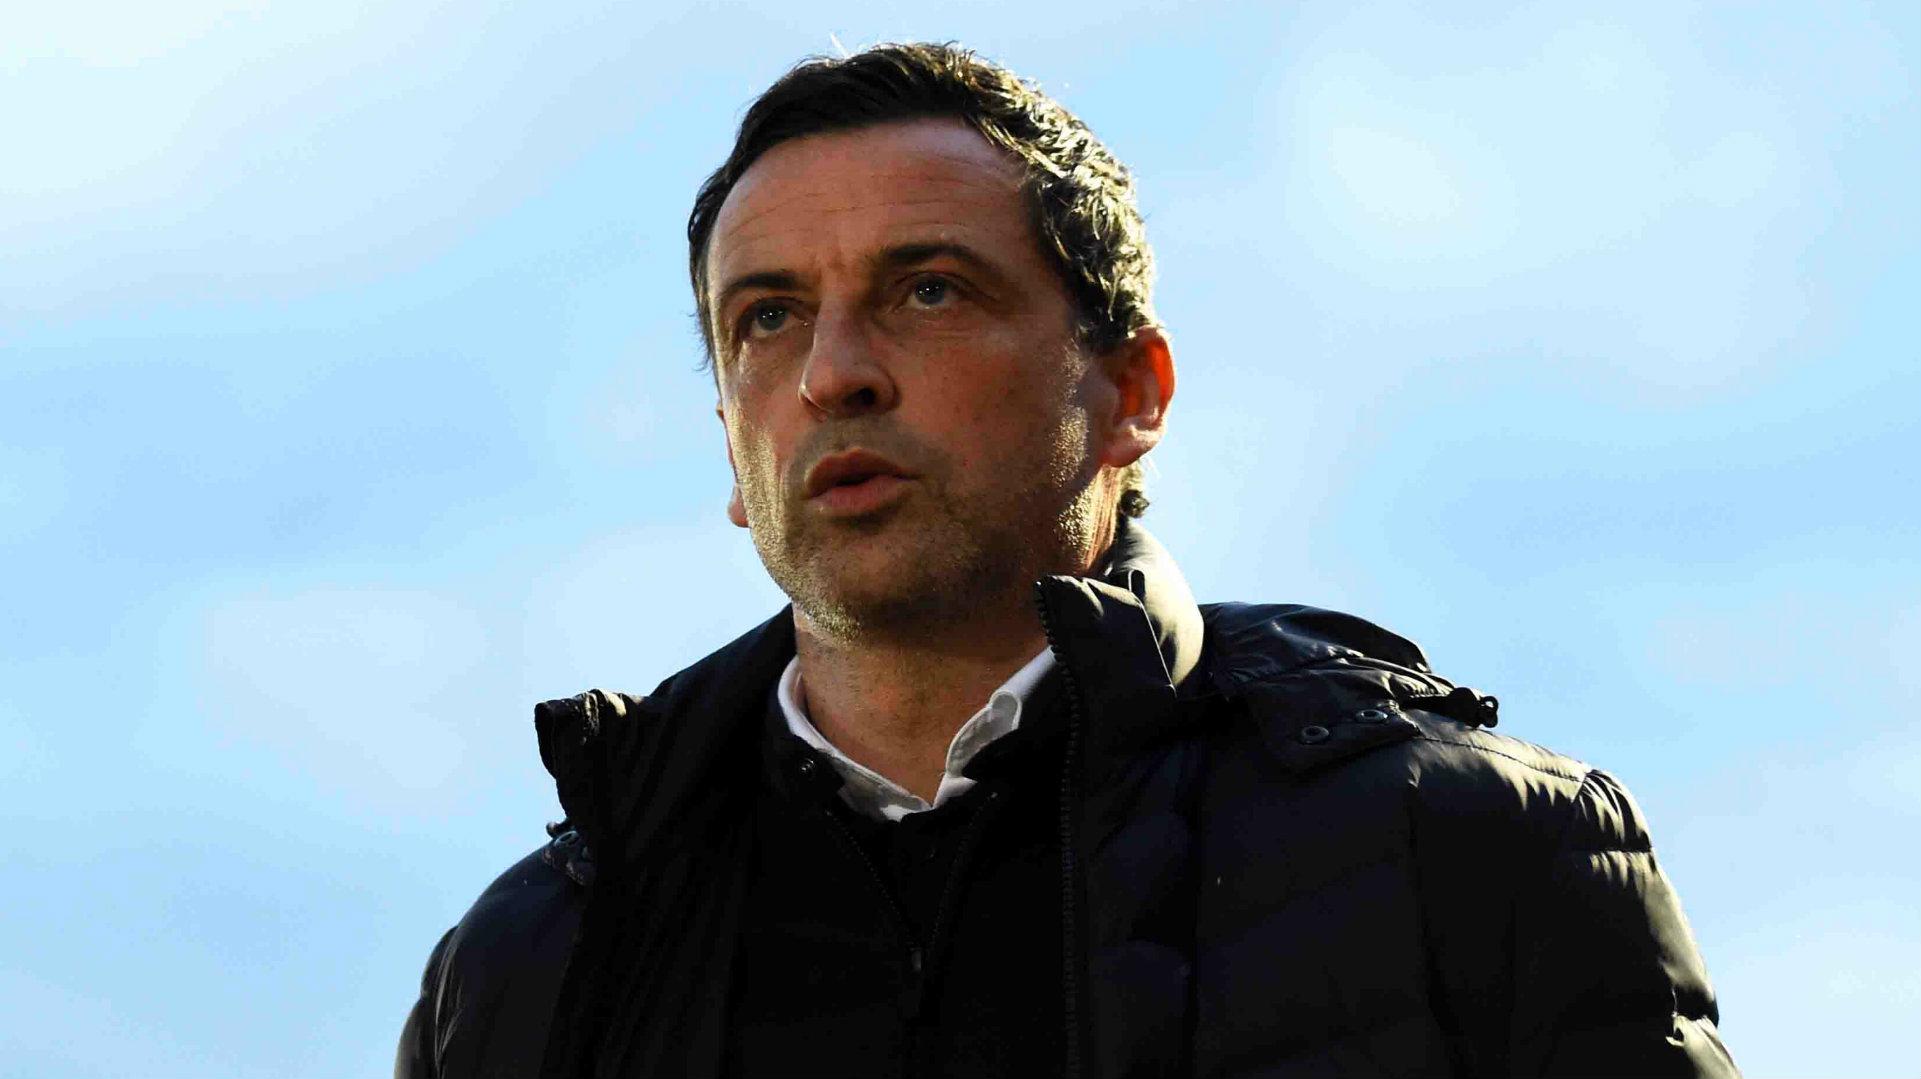 Jack Ross Sunderland manager 2018-19